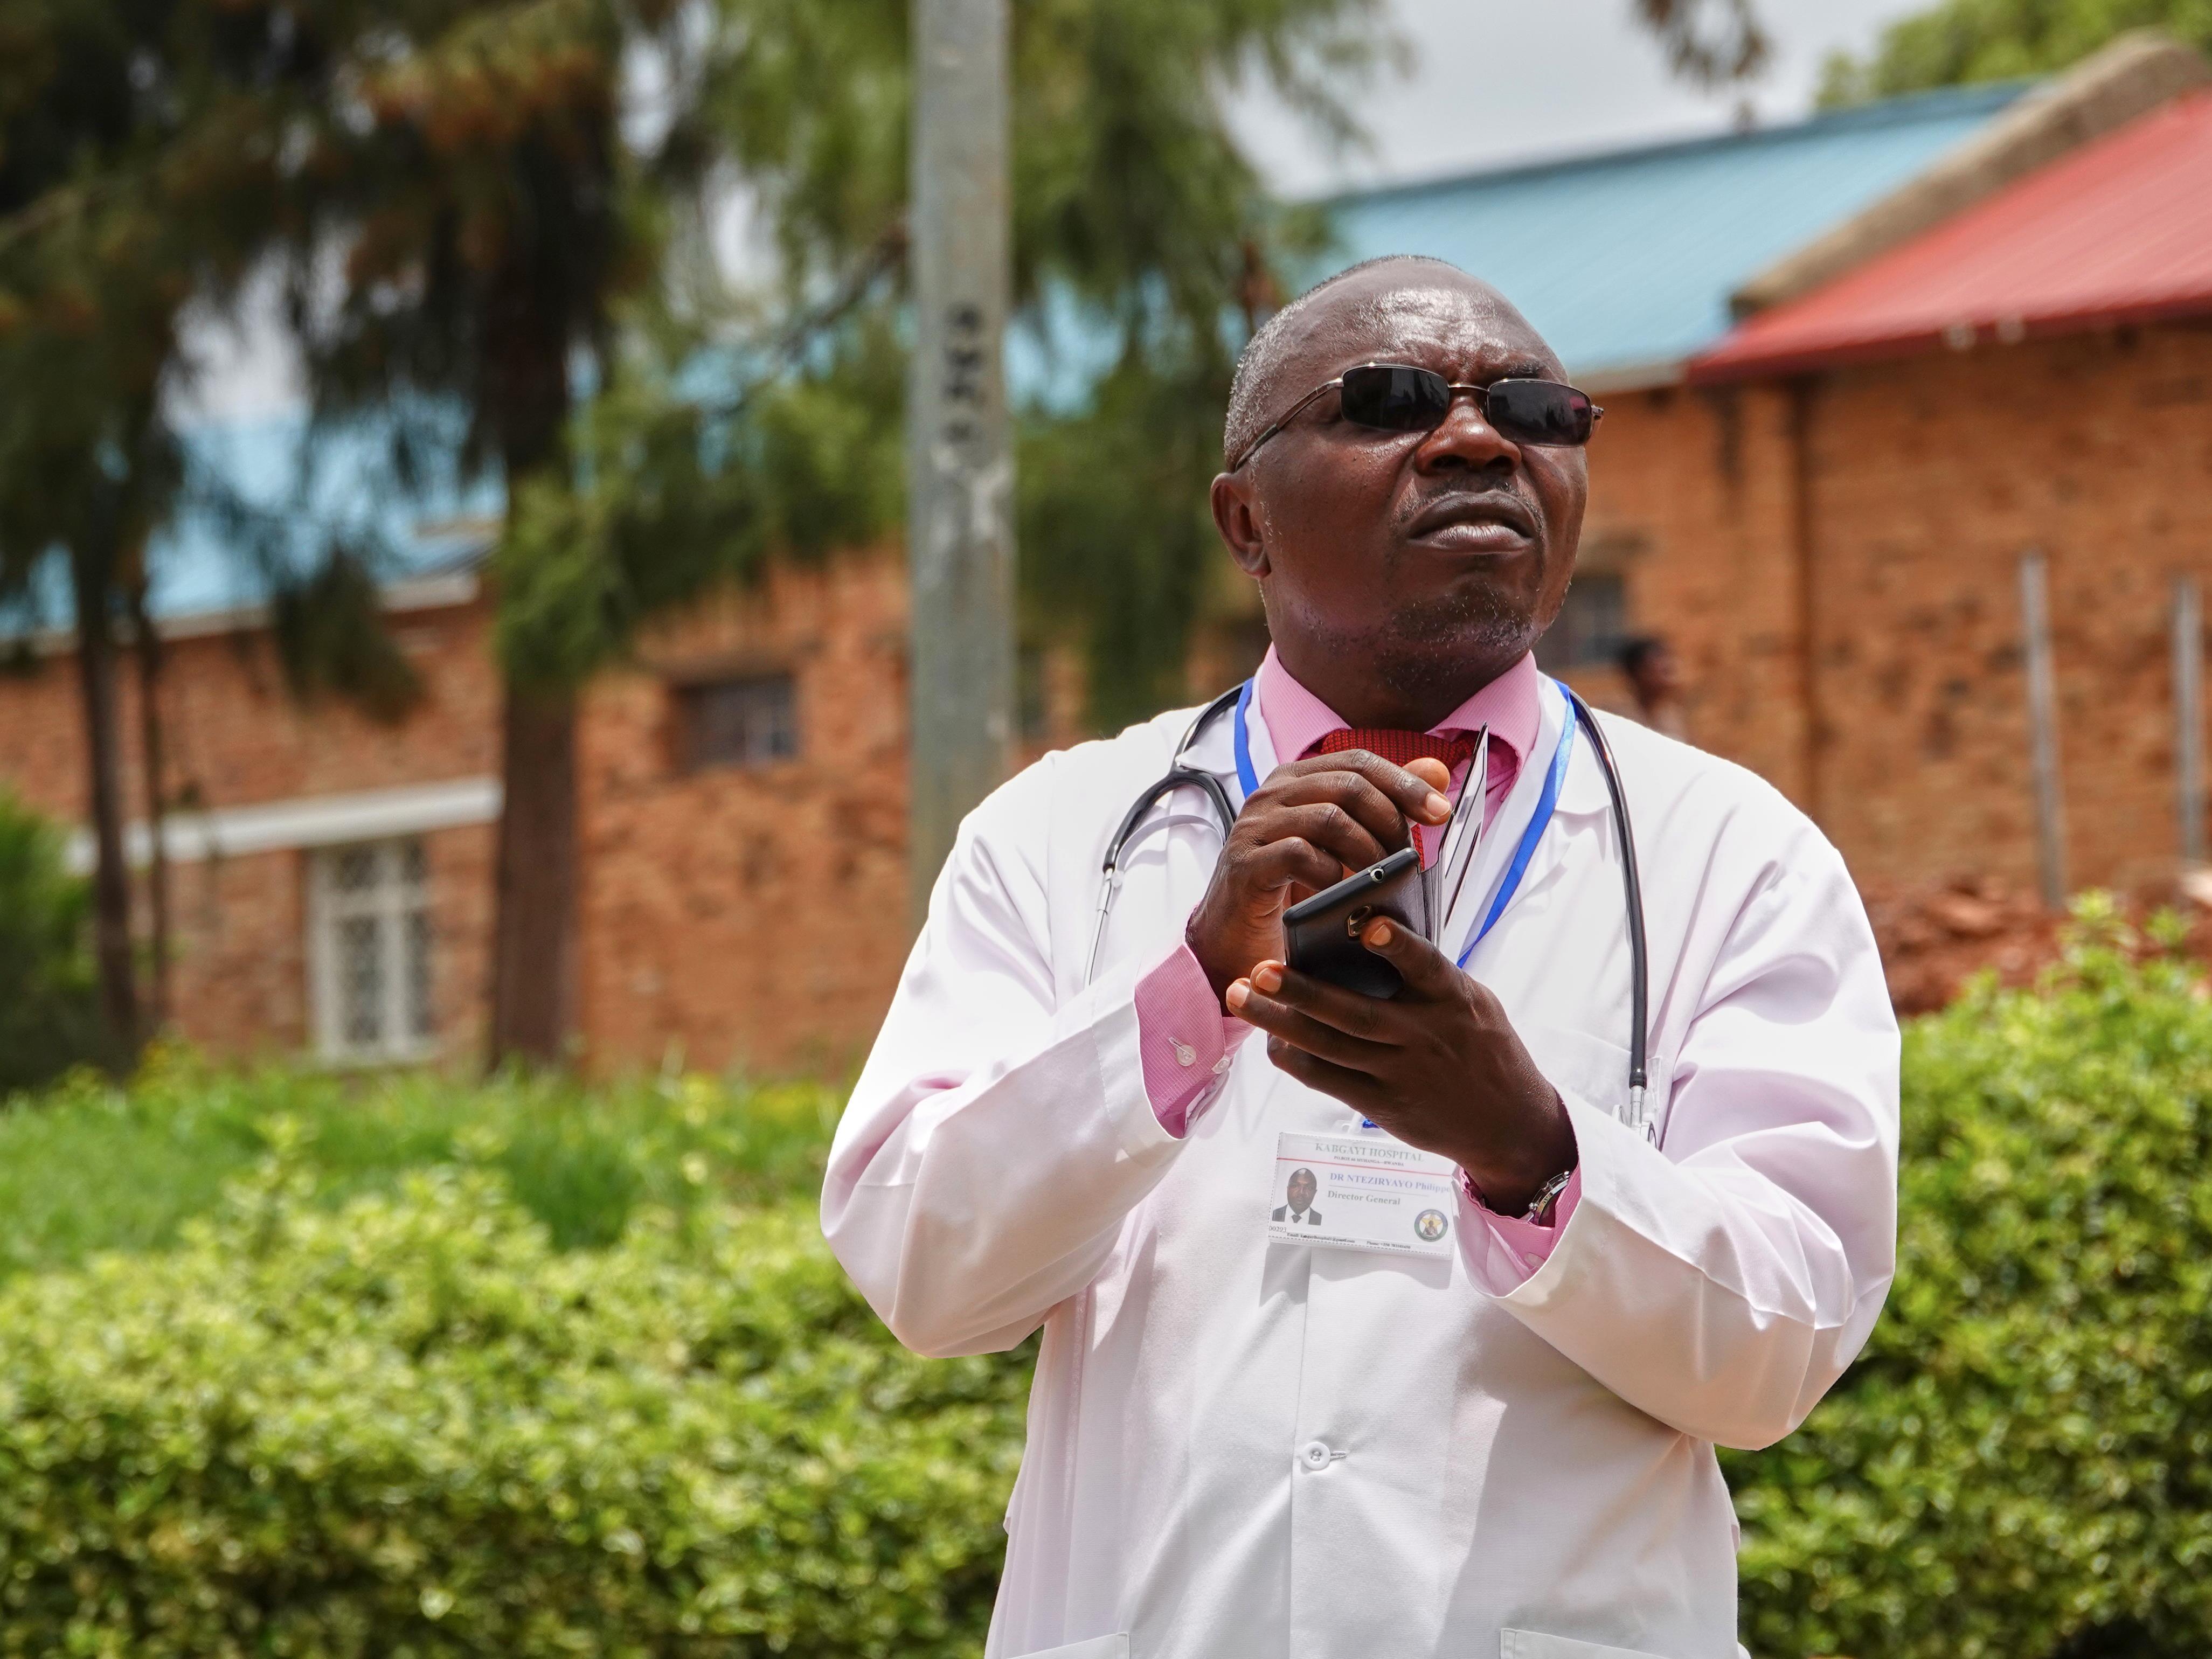 Le docteur Philip Nteziryayo lève les yeux vers le ciel.